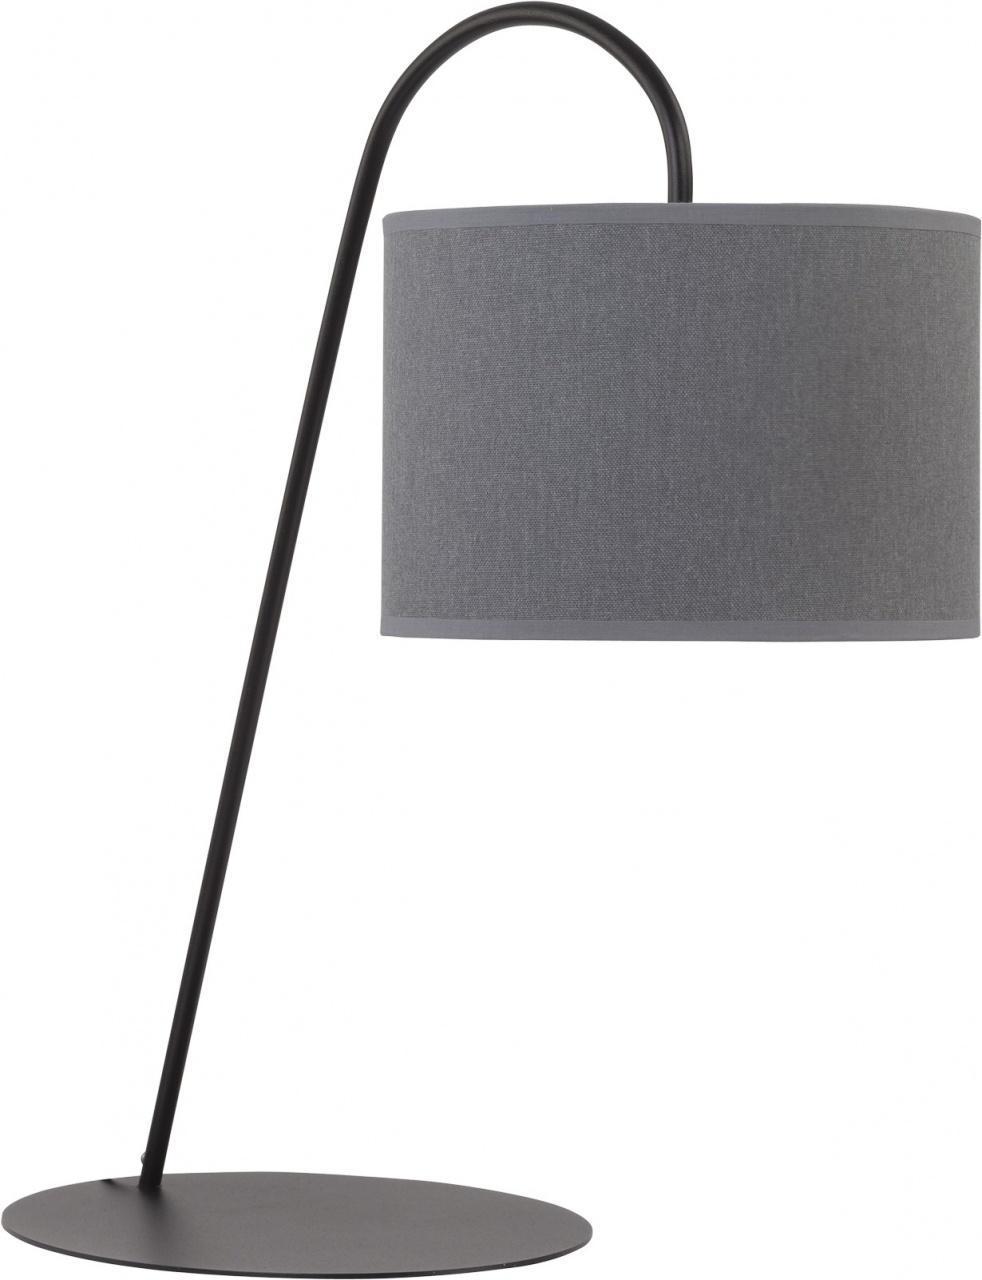 Настольная лампа Nowodvorski Alice 6814 vector enterprises oil filter cup wrench 68mm if 6814